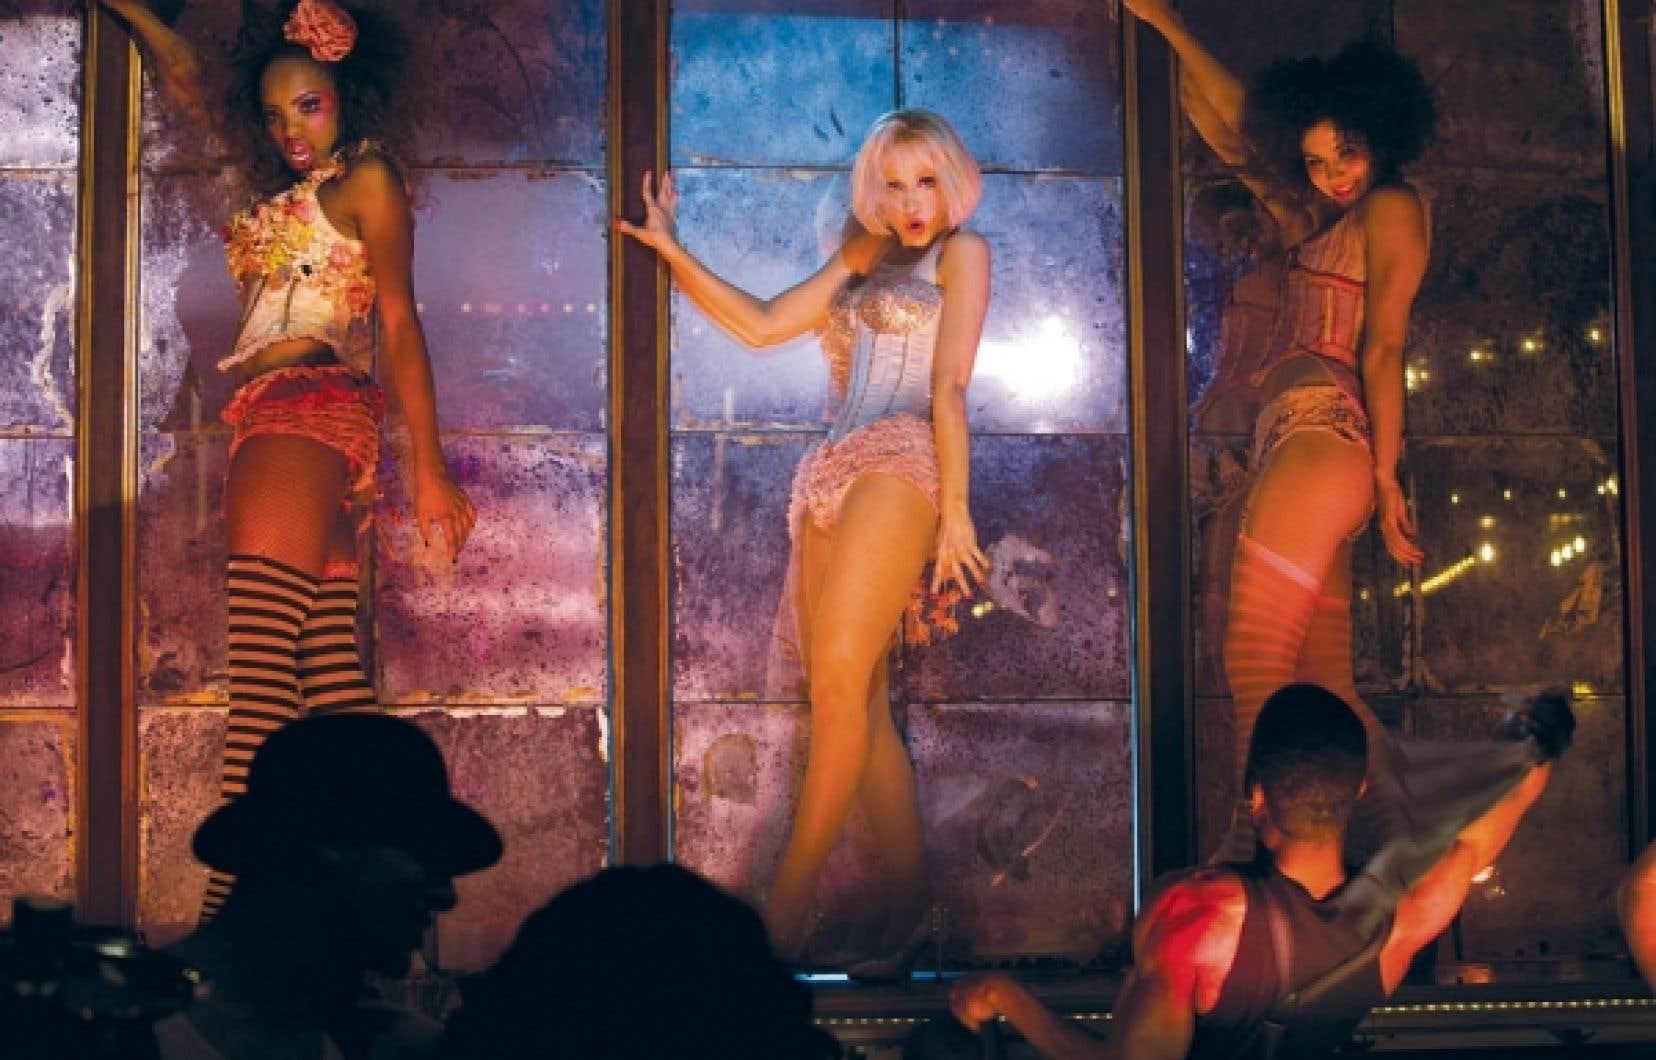 Burlesque marque les débuts de la chanteuse Christina Aguilera en tant qu'actrice et le retour de Cher au cinéma.<br />